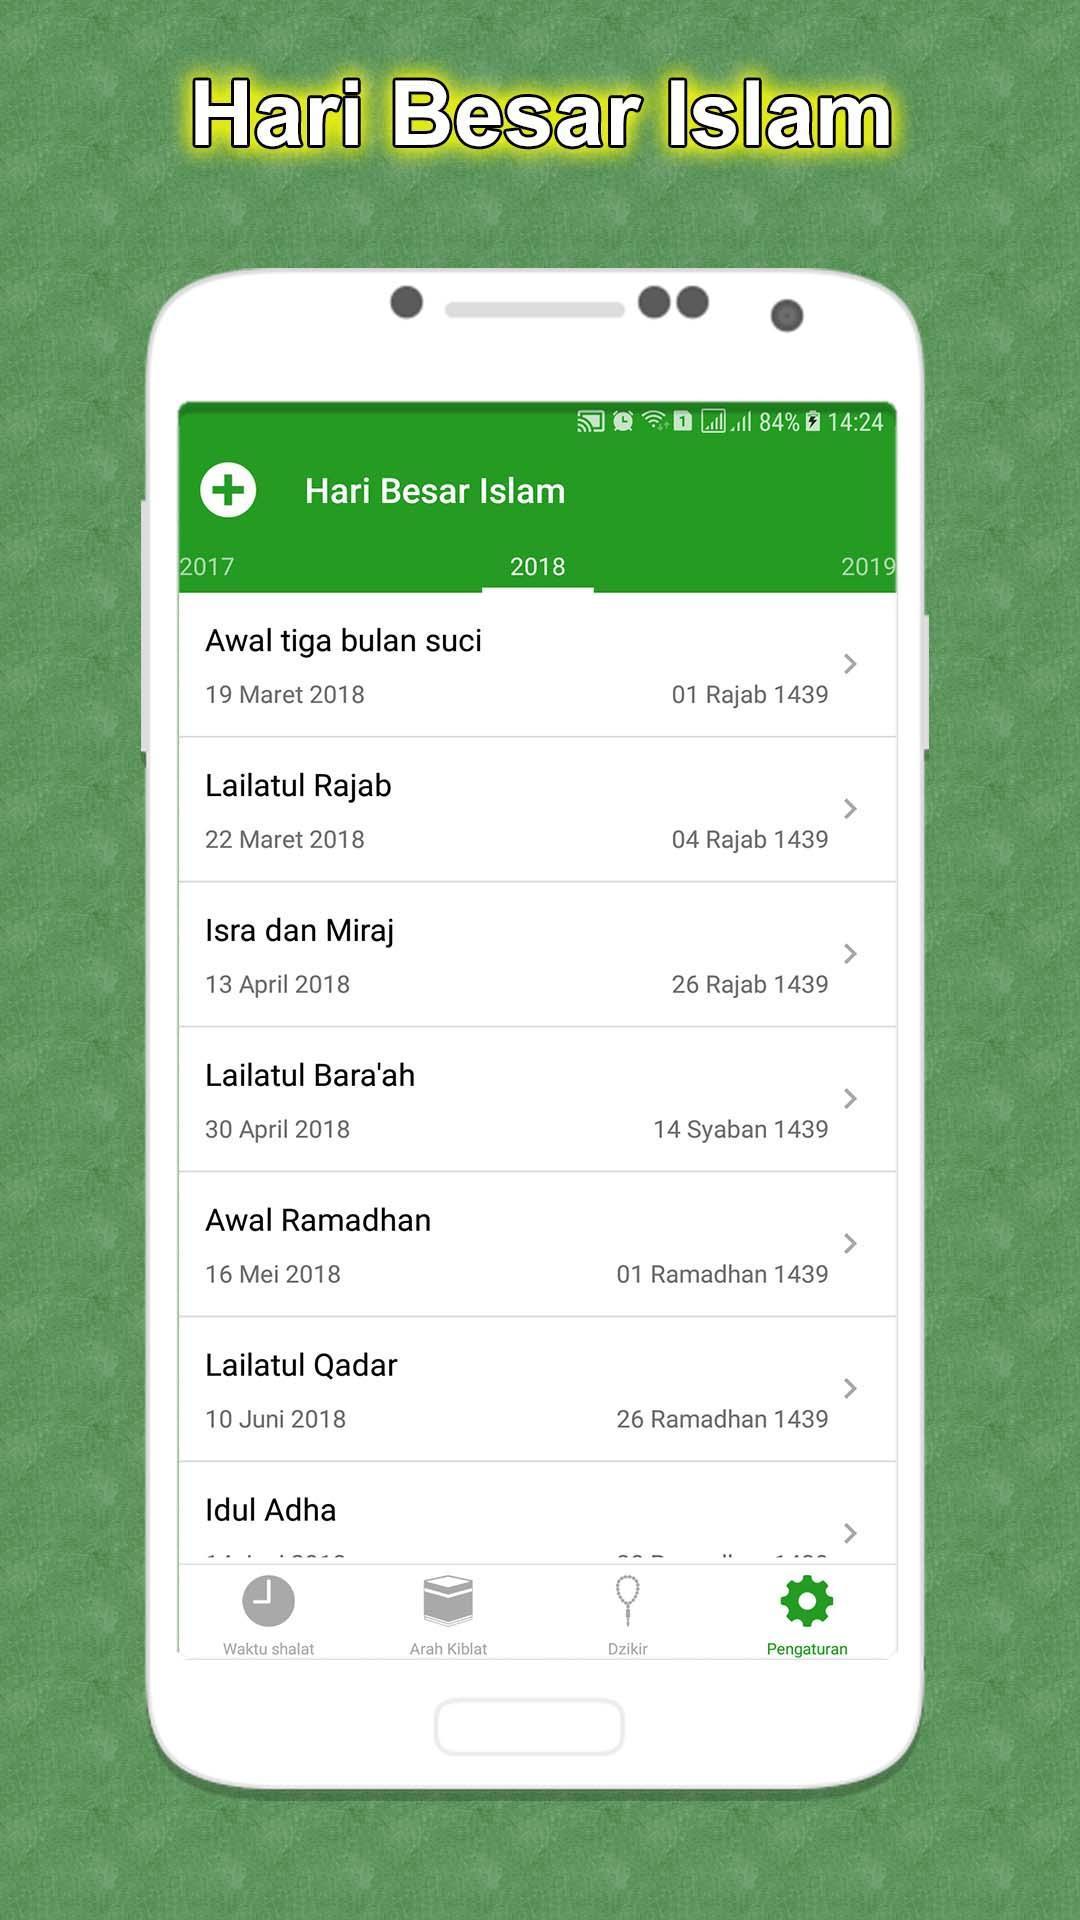 Jadwal Sholat Dan Adzan Waktu Sholat 2019 For Android Apk Download